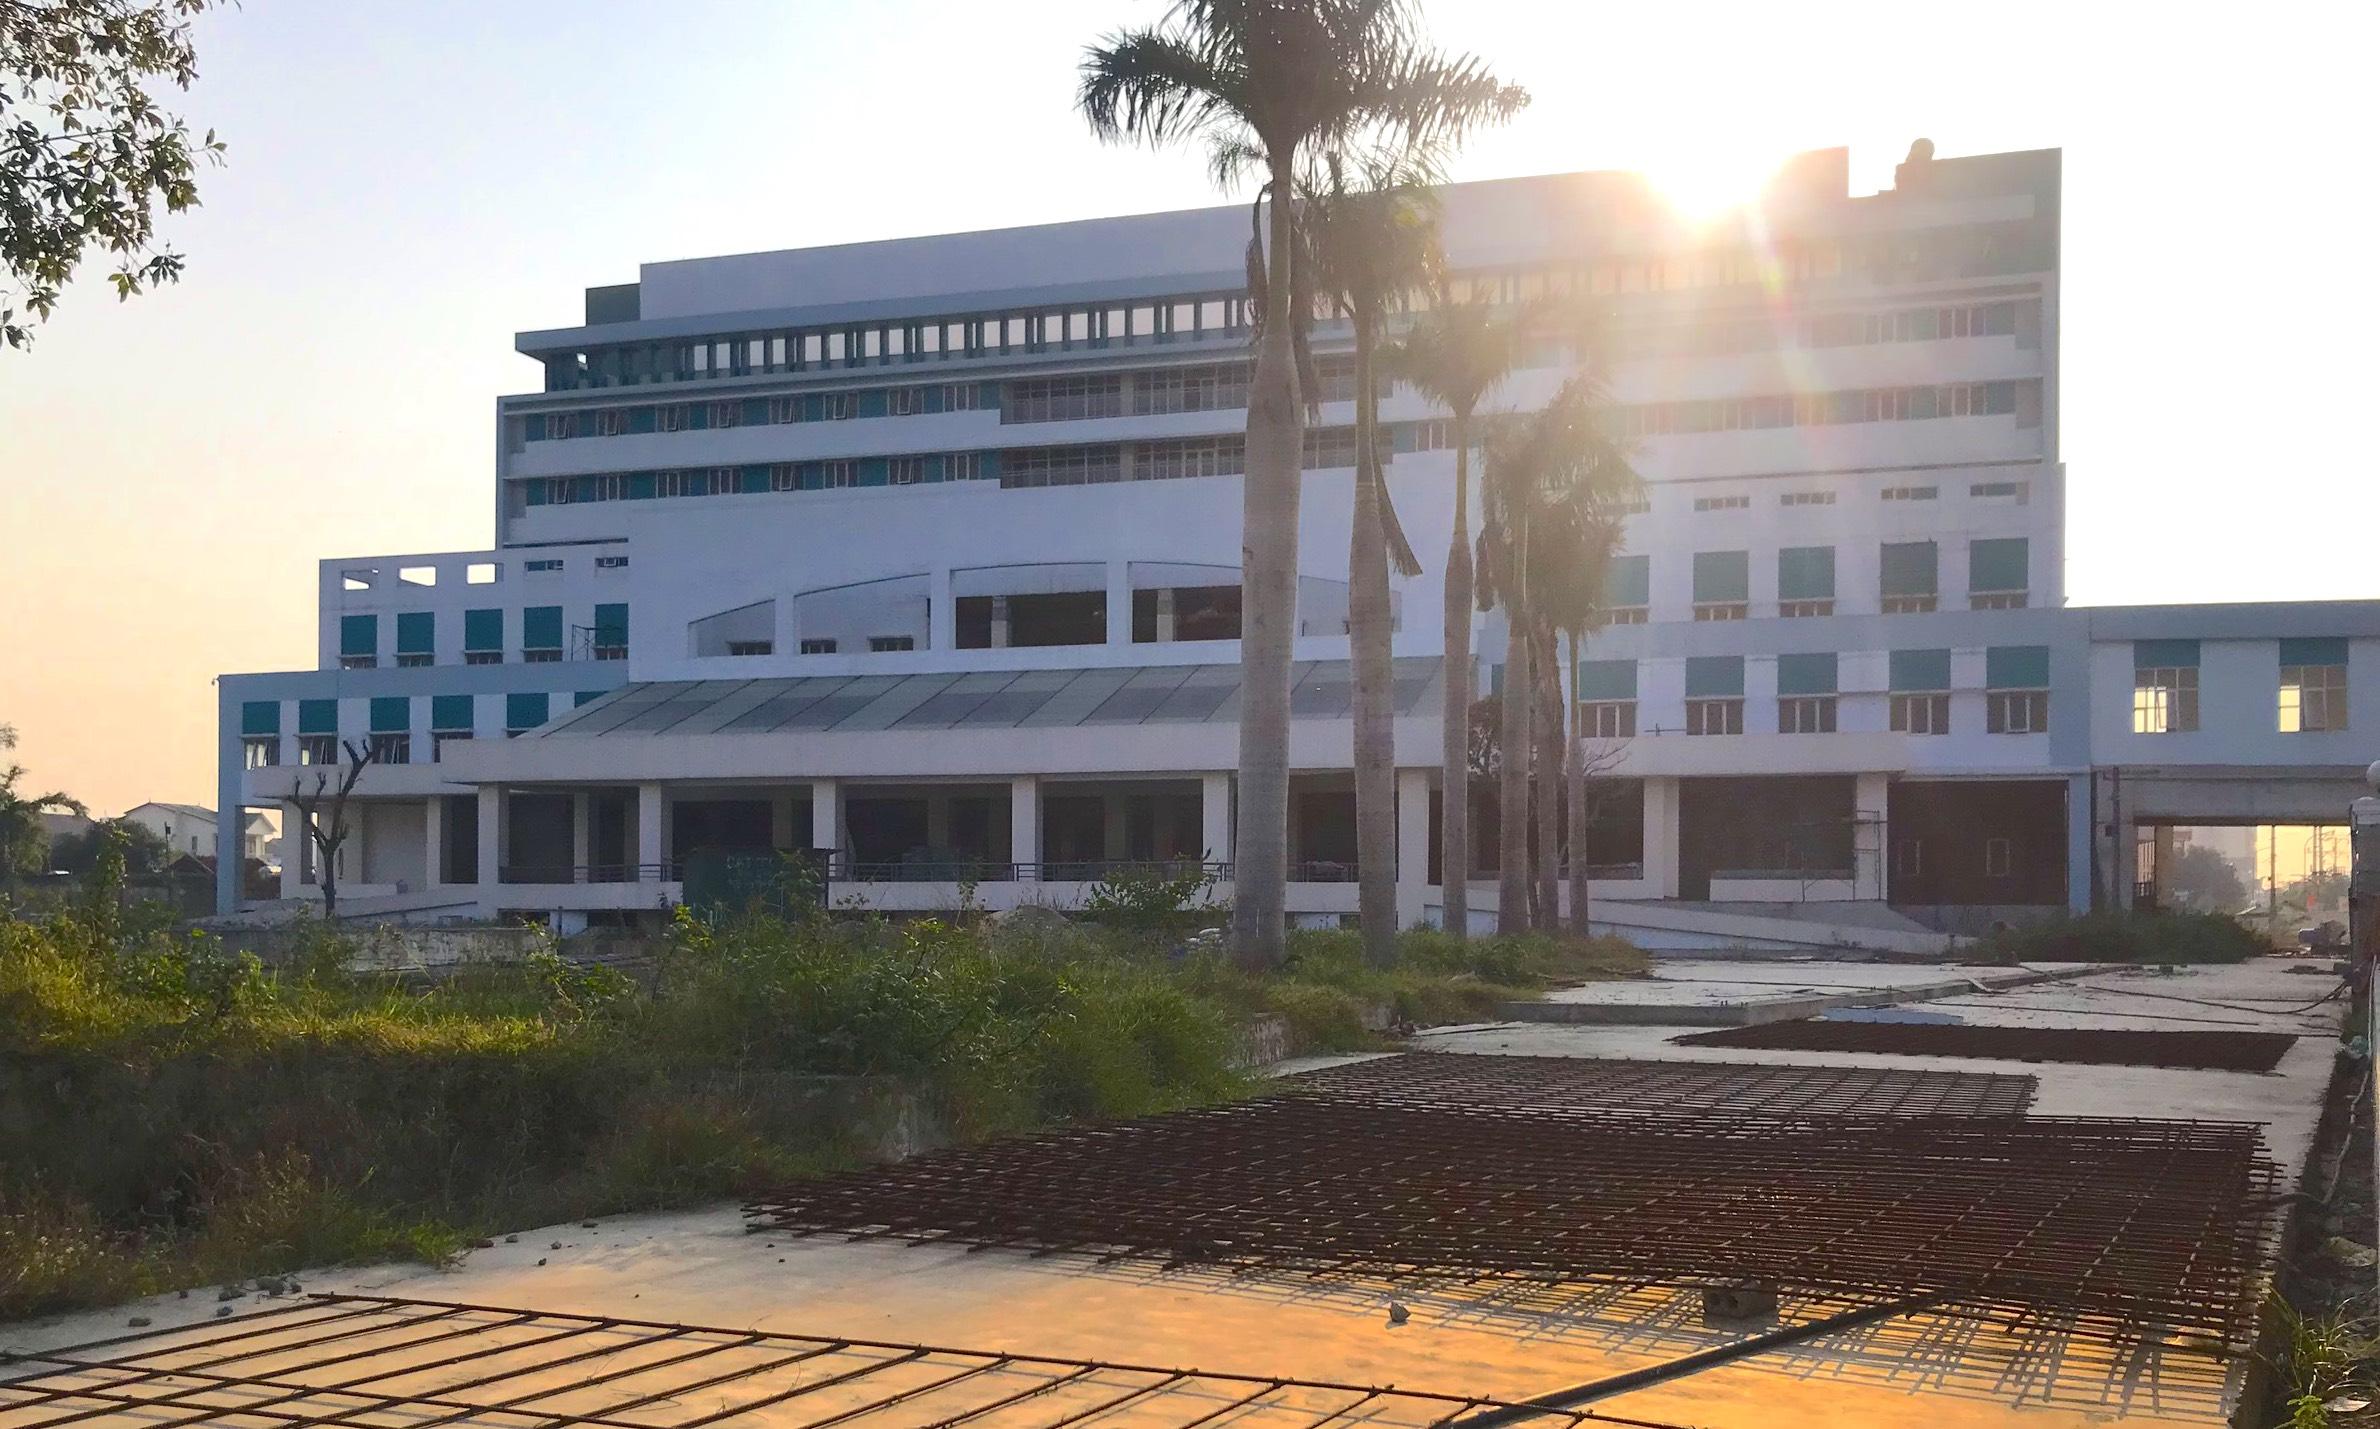 Cảnh nhếch nhác, cỏ mọc um tùm trong dự án bệnh viện nghìn tỷ lớn nhất Bắc Trung Bộ - Ảnh 3.